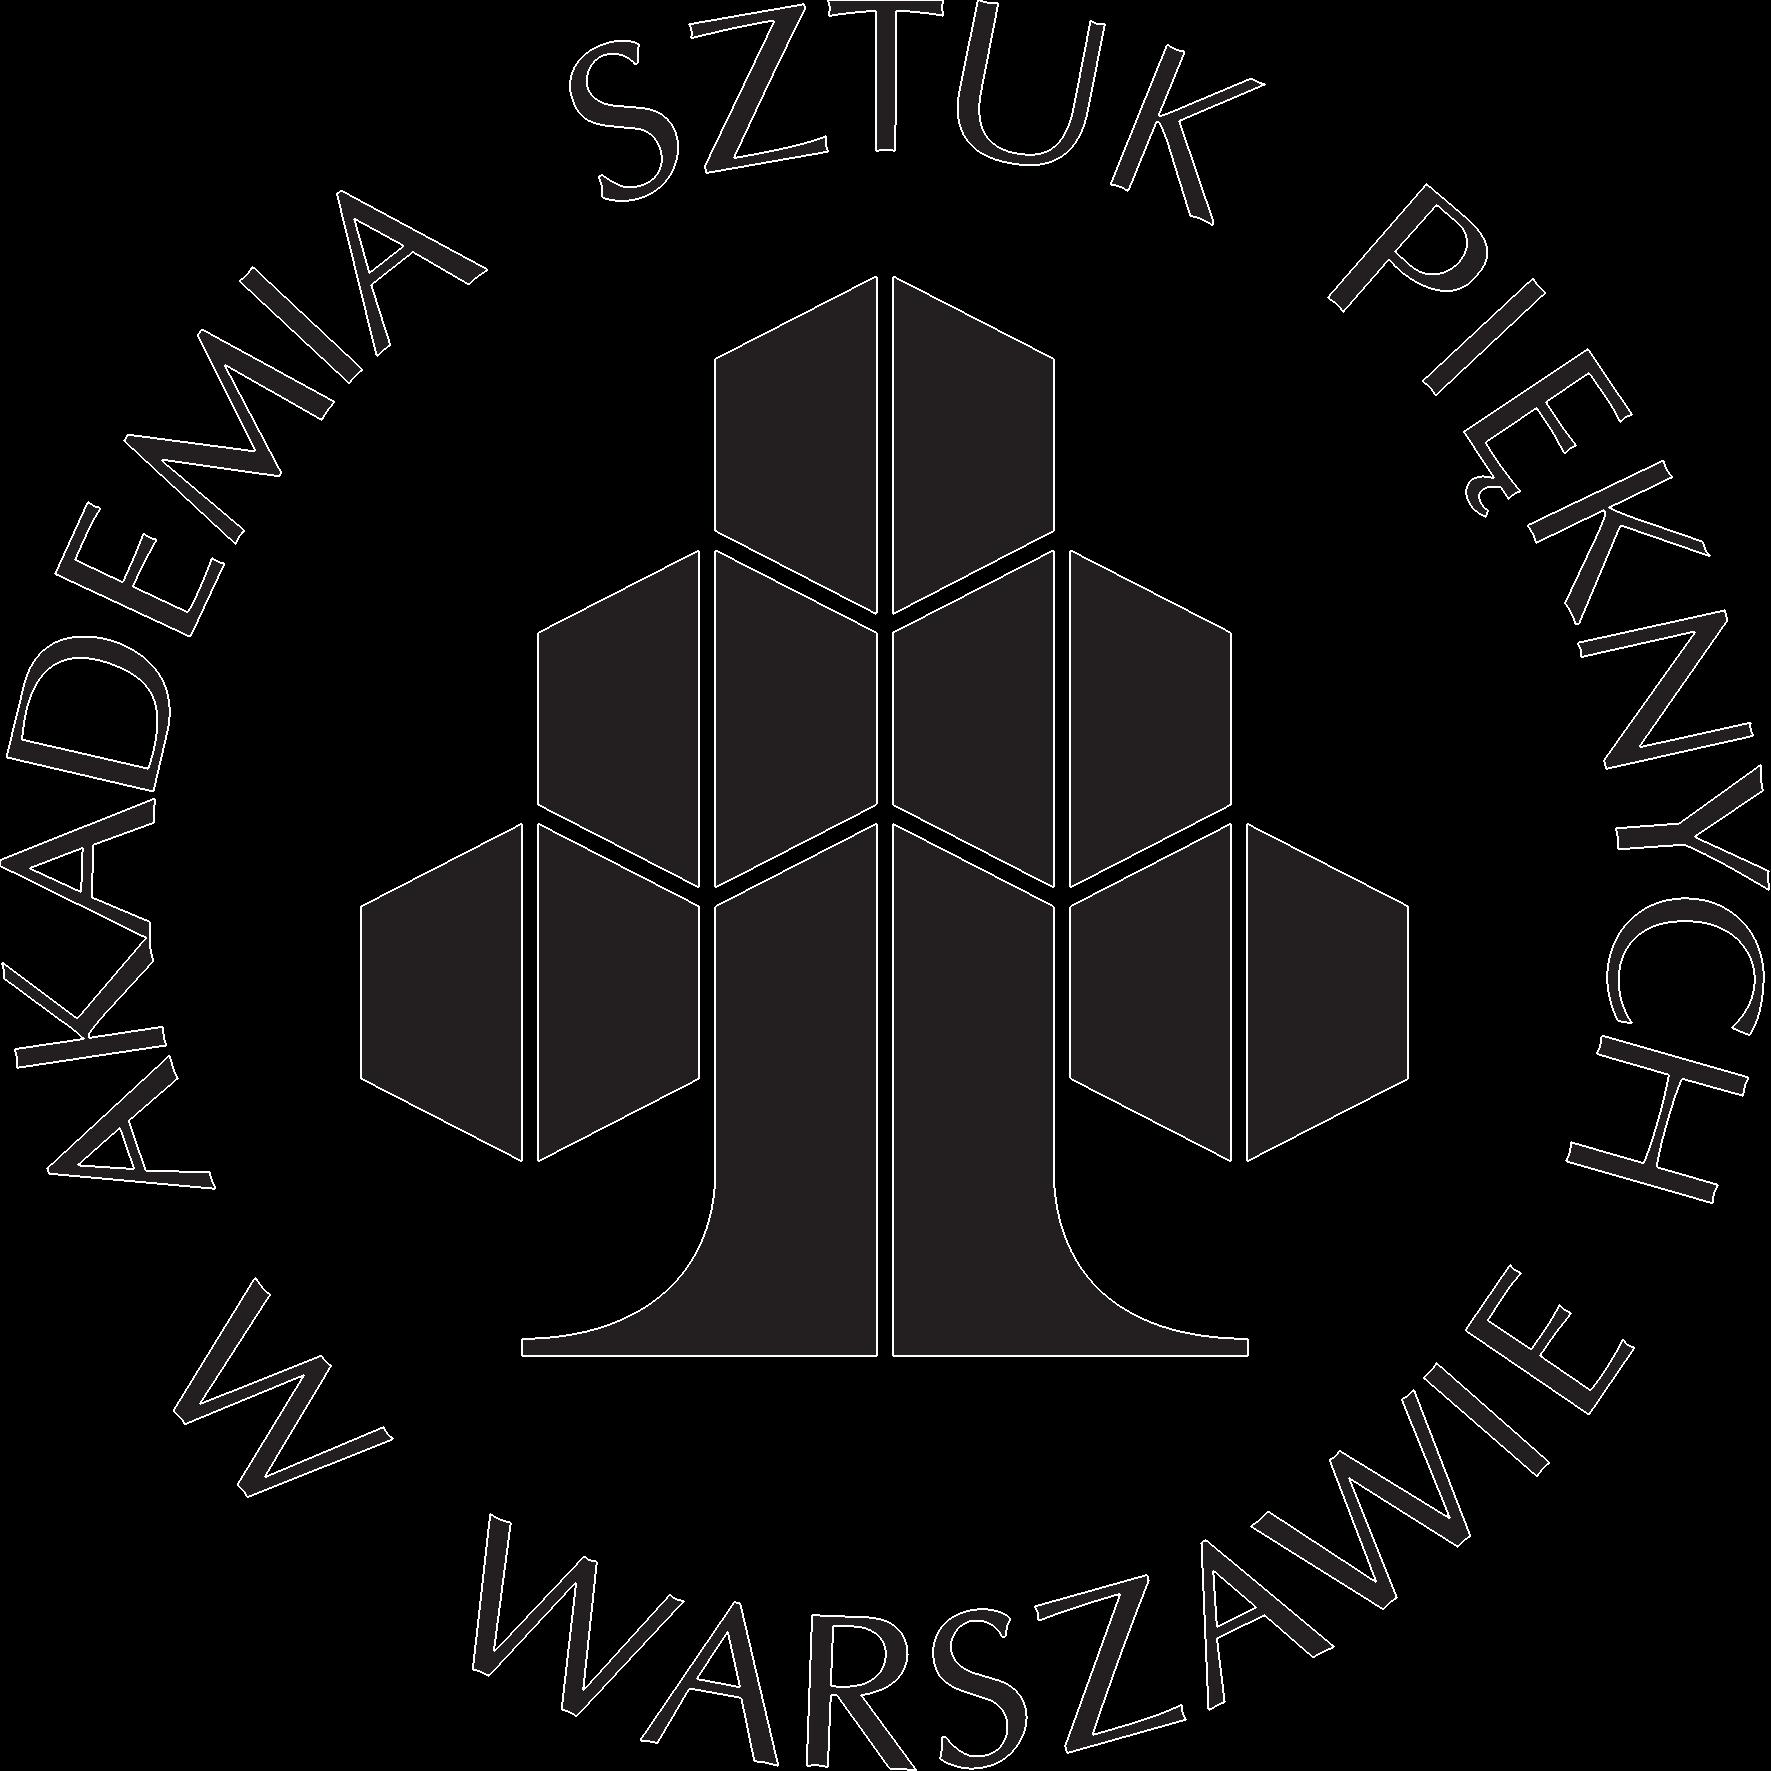 Wirtualny Leksykon Biblioteki Głównej Akademii Sztuk Pięknych w Warszawie